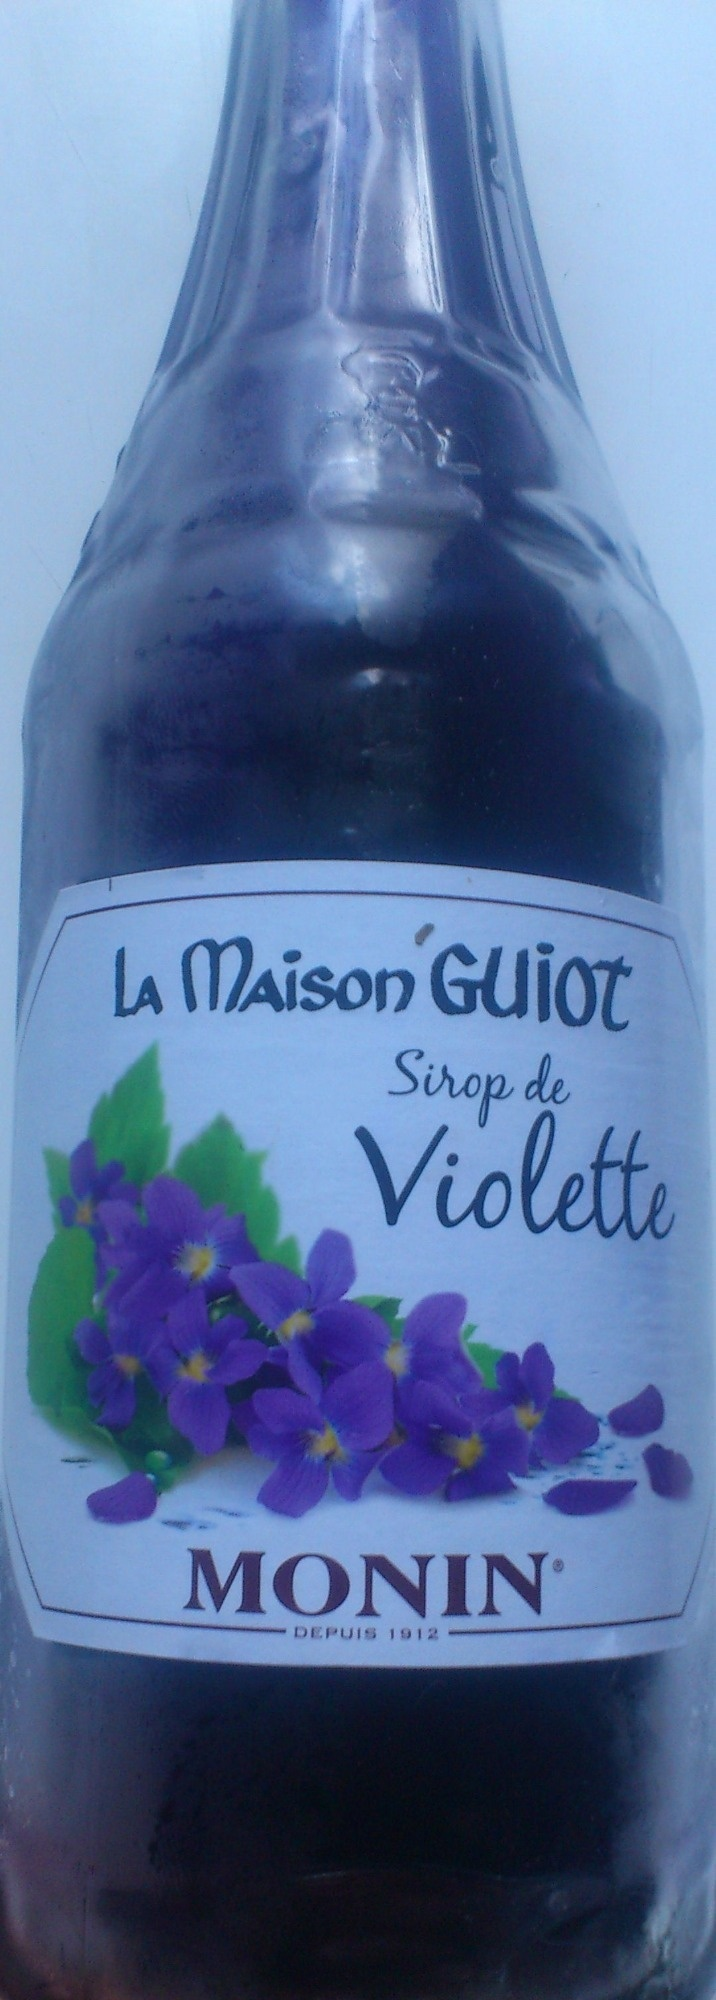 Sirop de violette - Product - fr